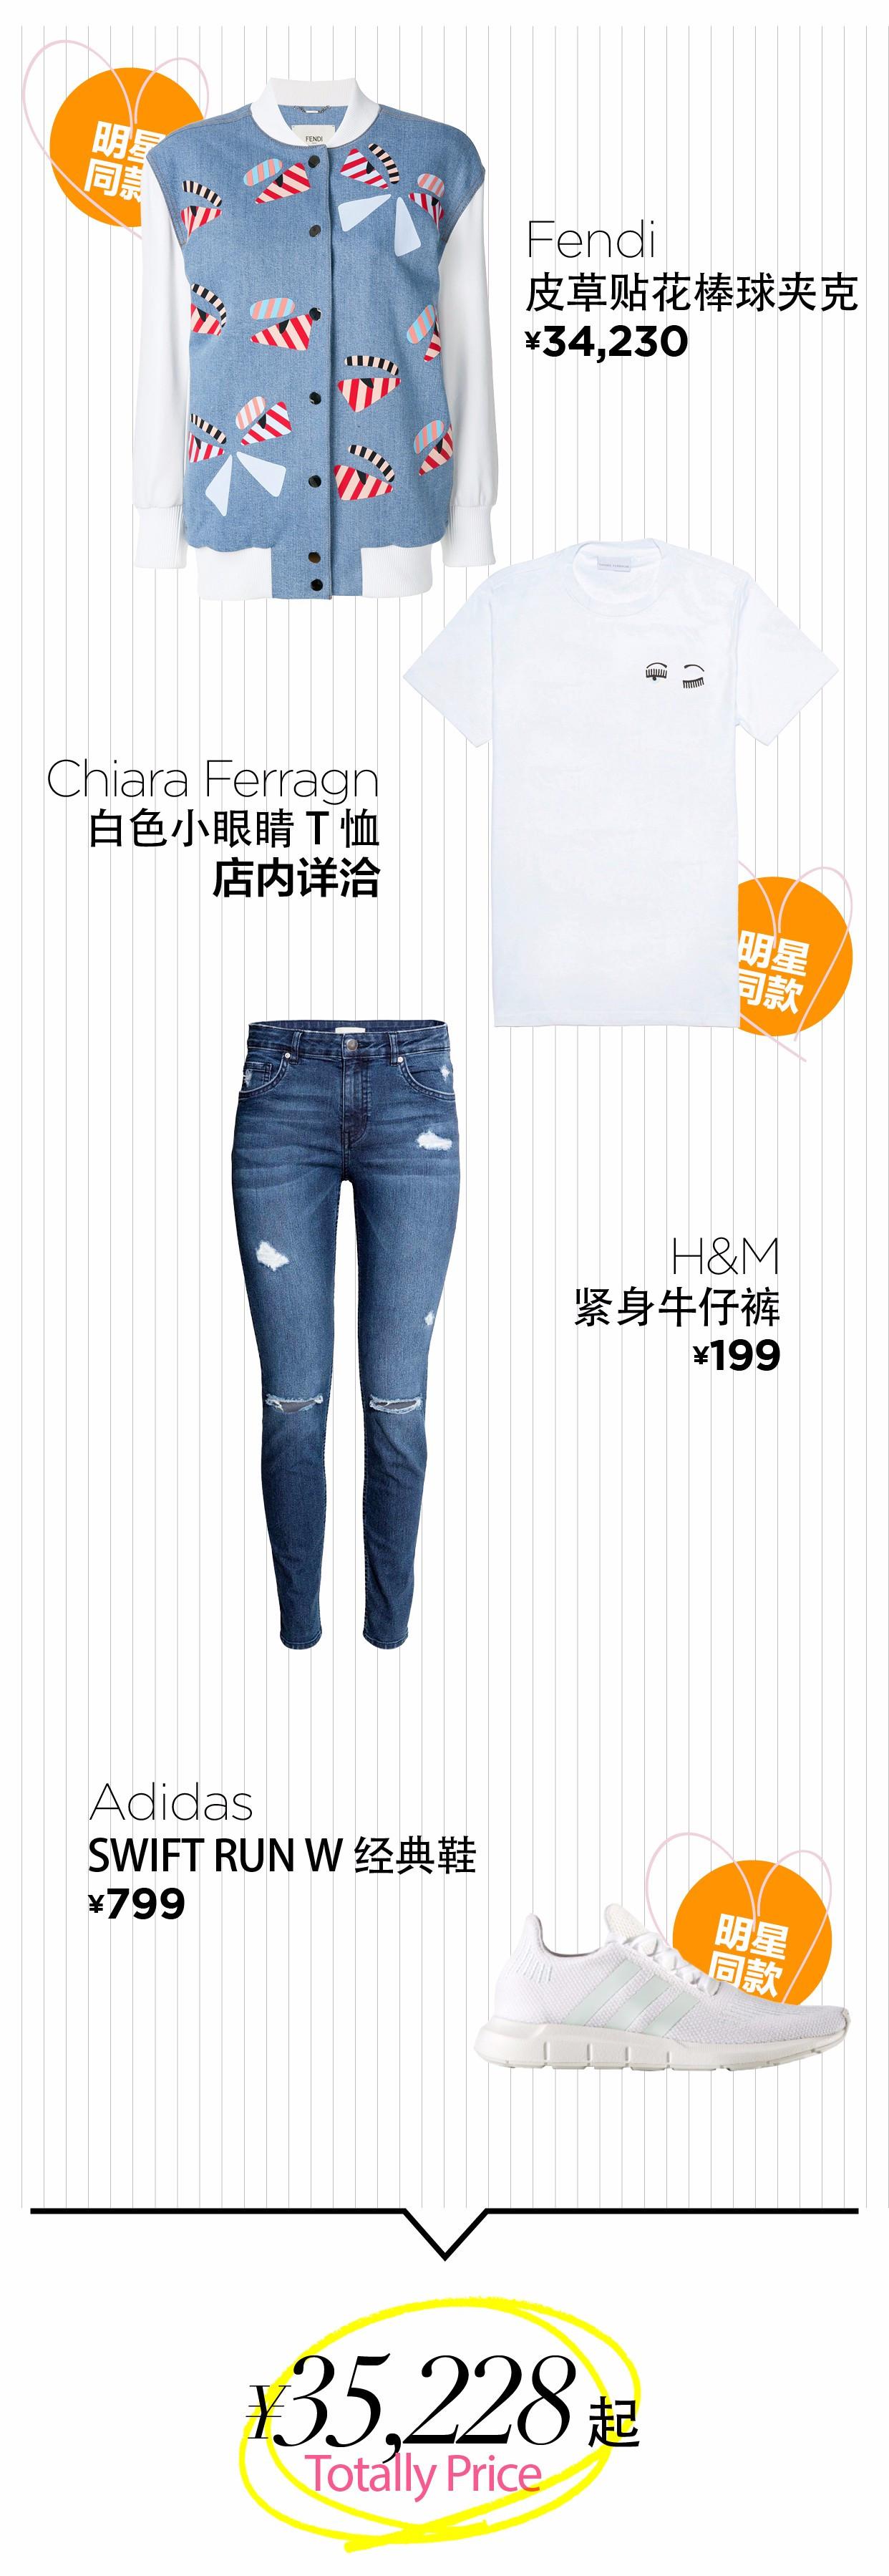 7日衣橱丨张子枫娃娃脸少女的时髦搭配记